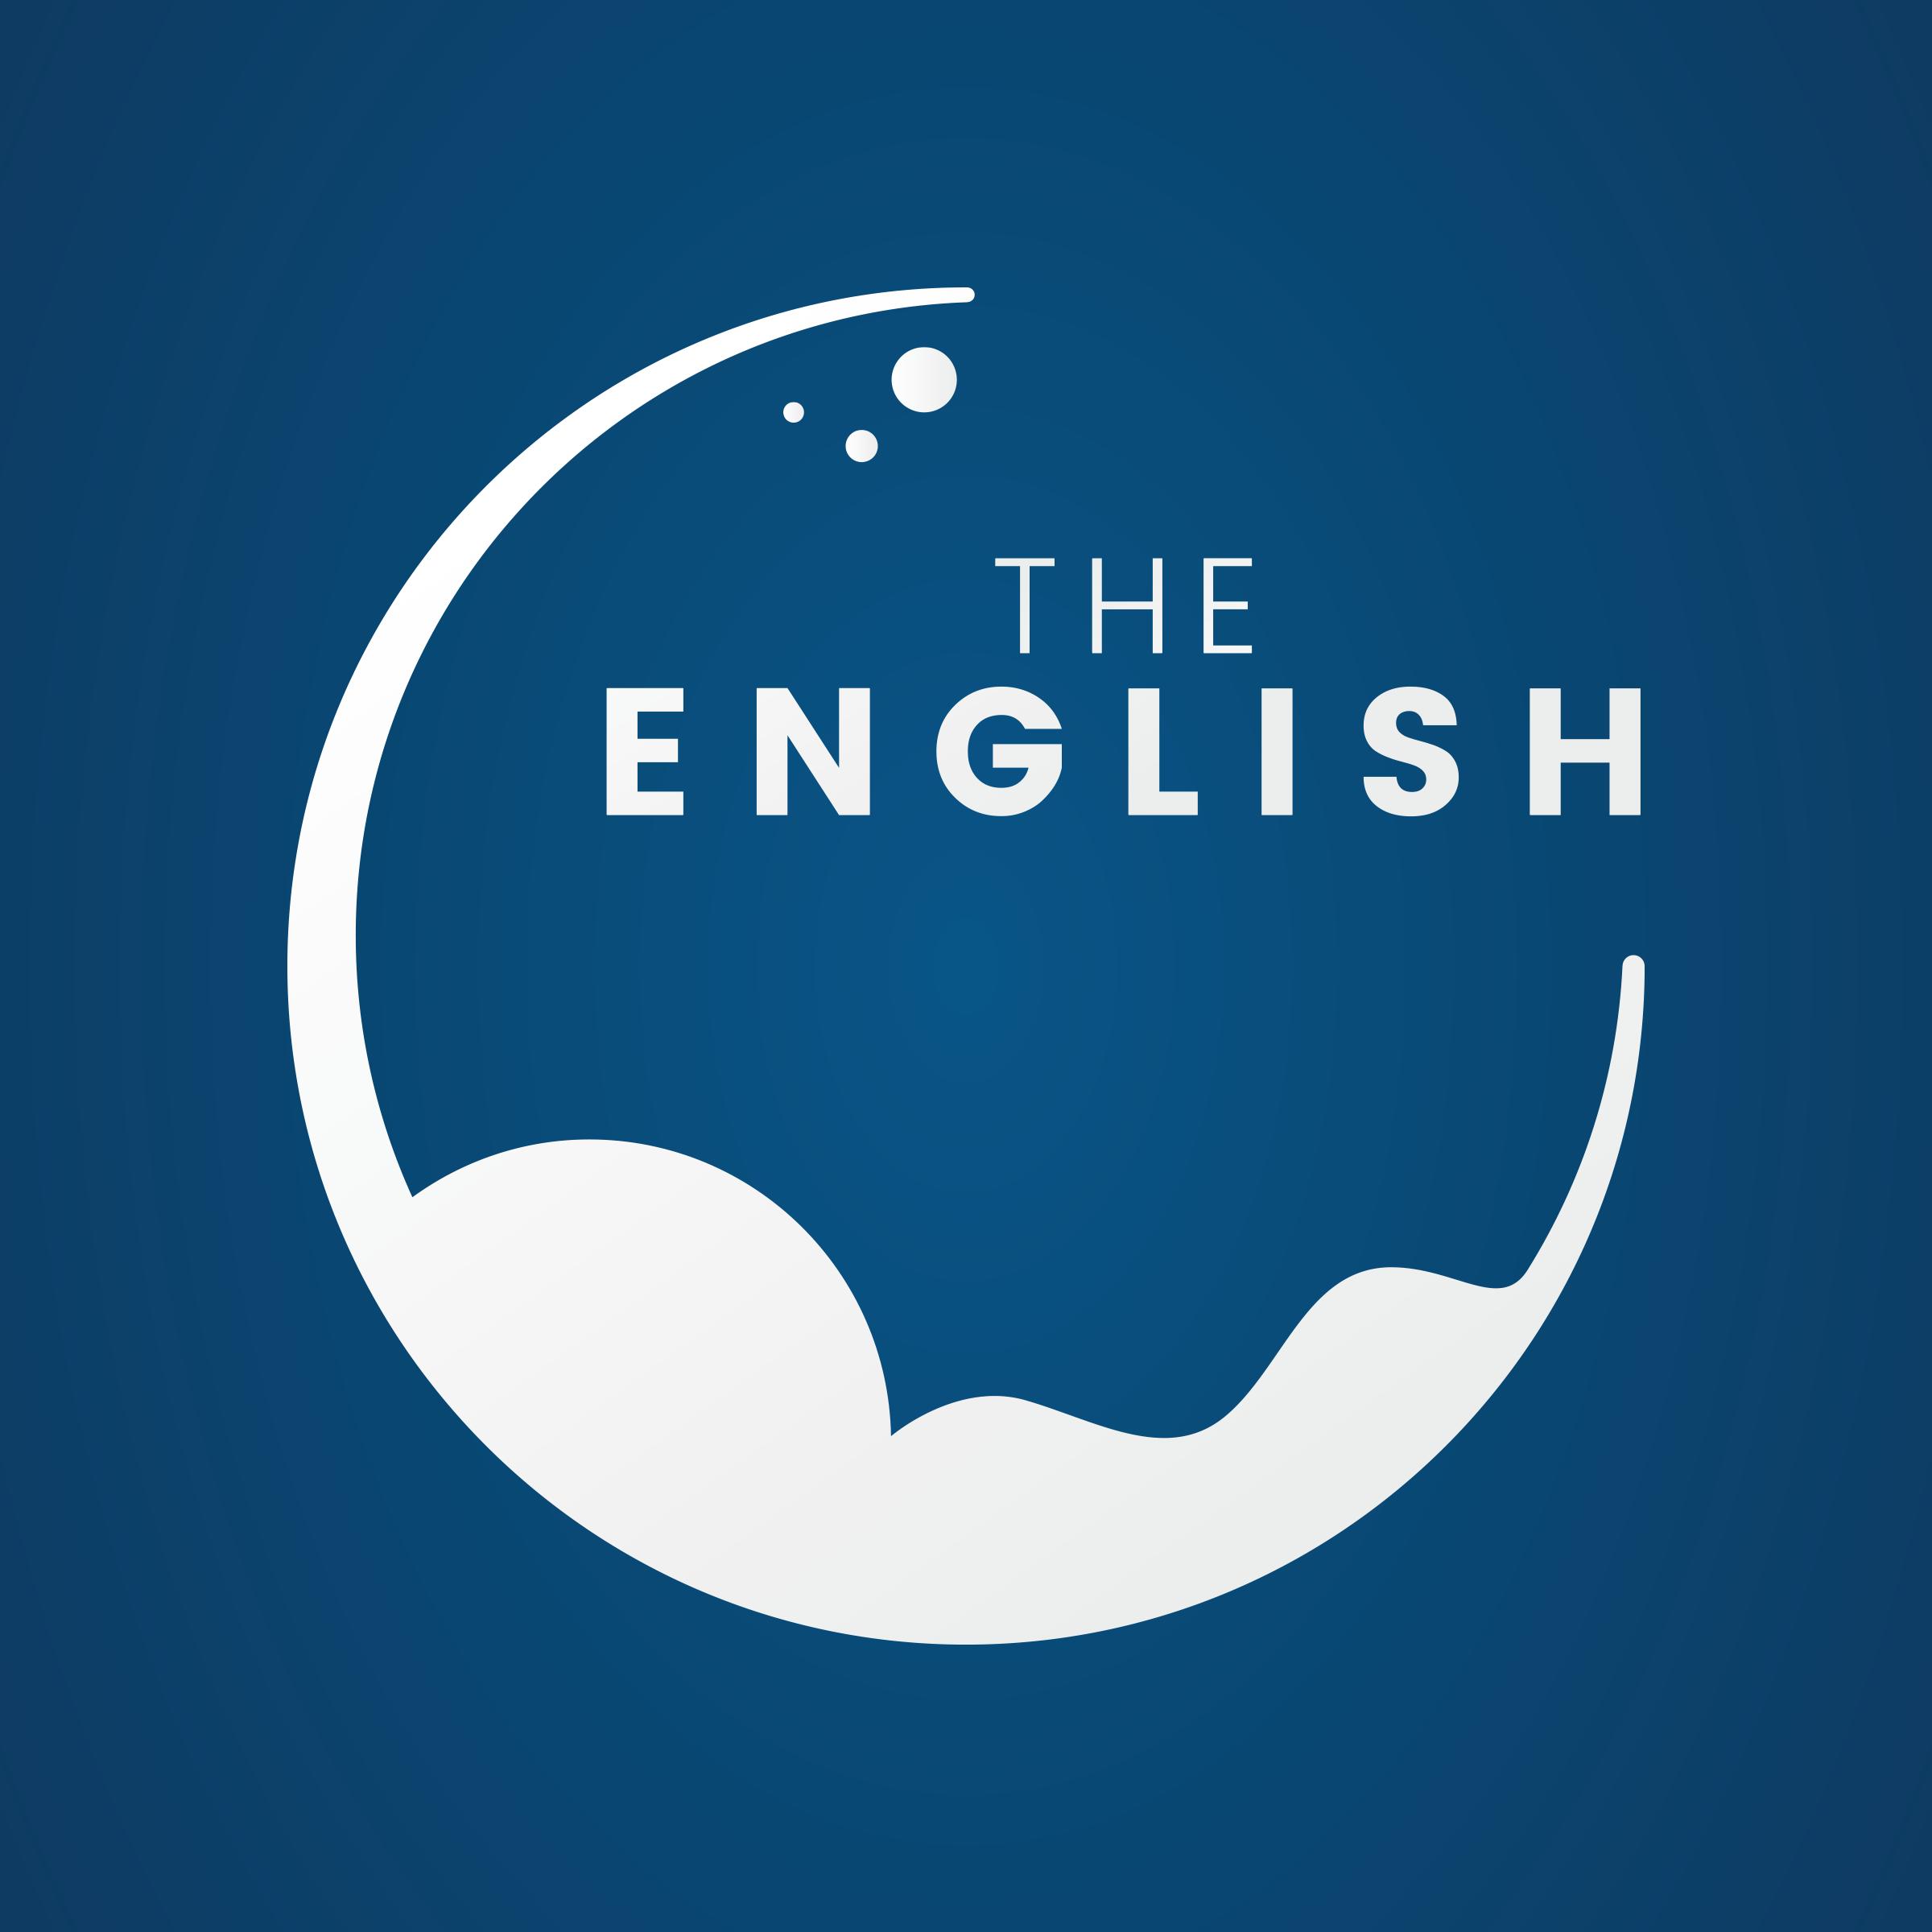 ANH NGỮ THE ENGLISH